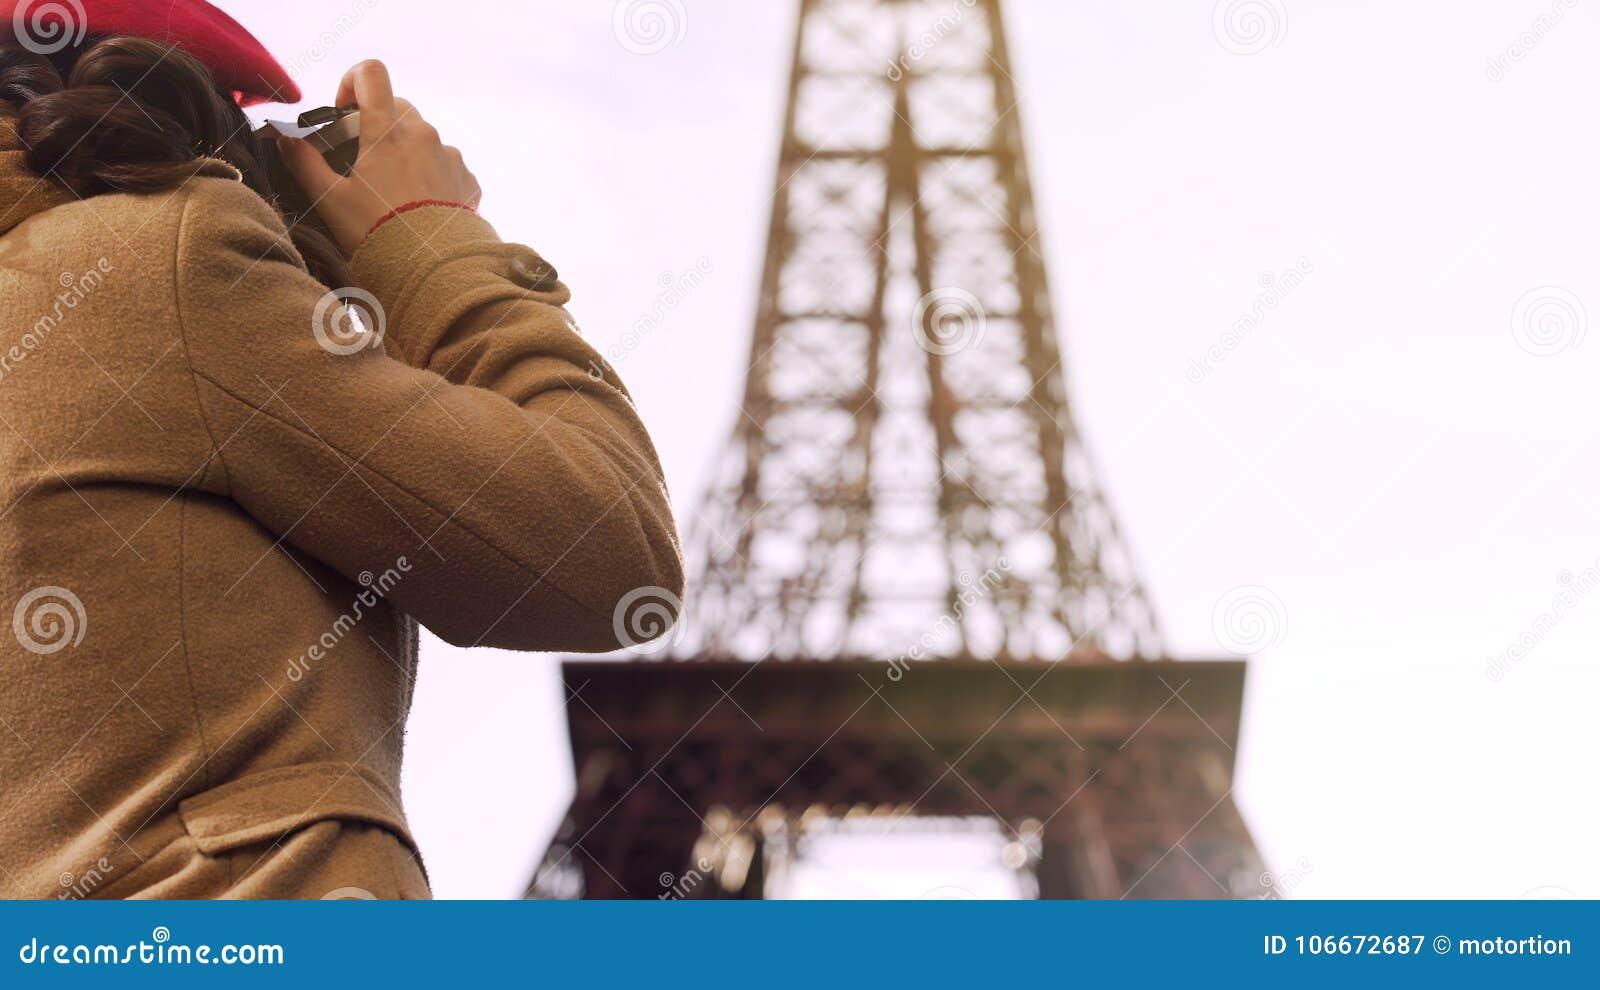 Torre Eiffel de fotografía turística femenina, pasando vacaciones en París, viaje